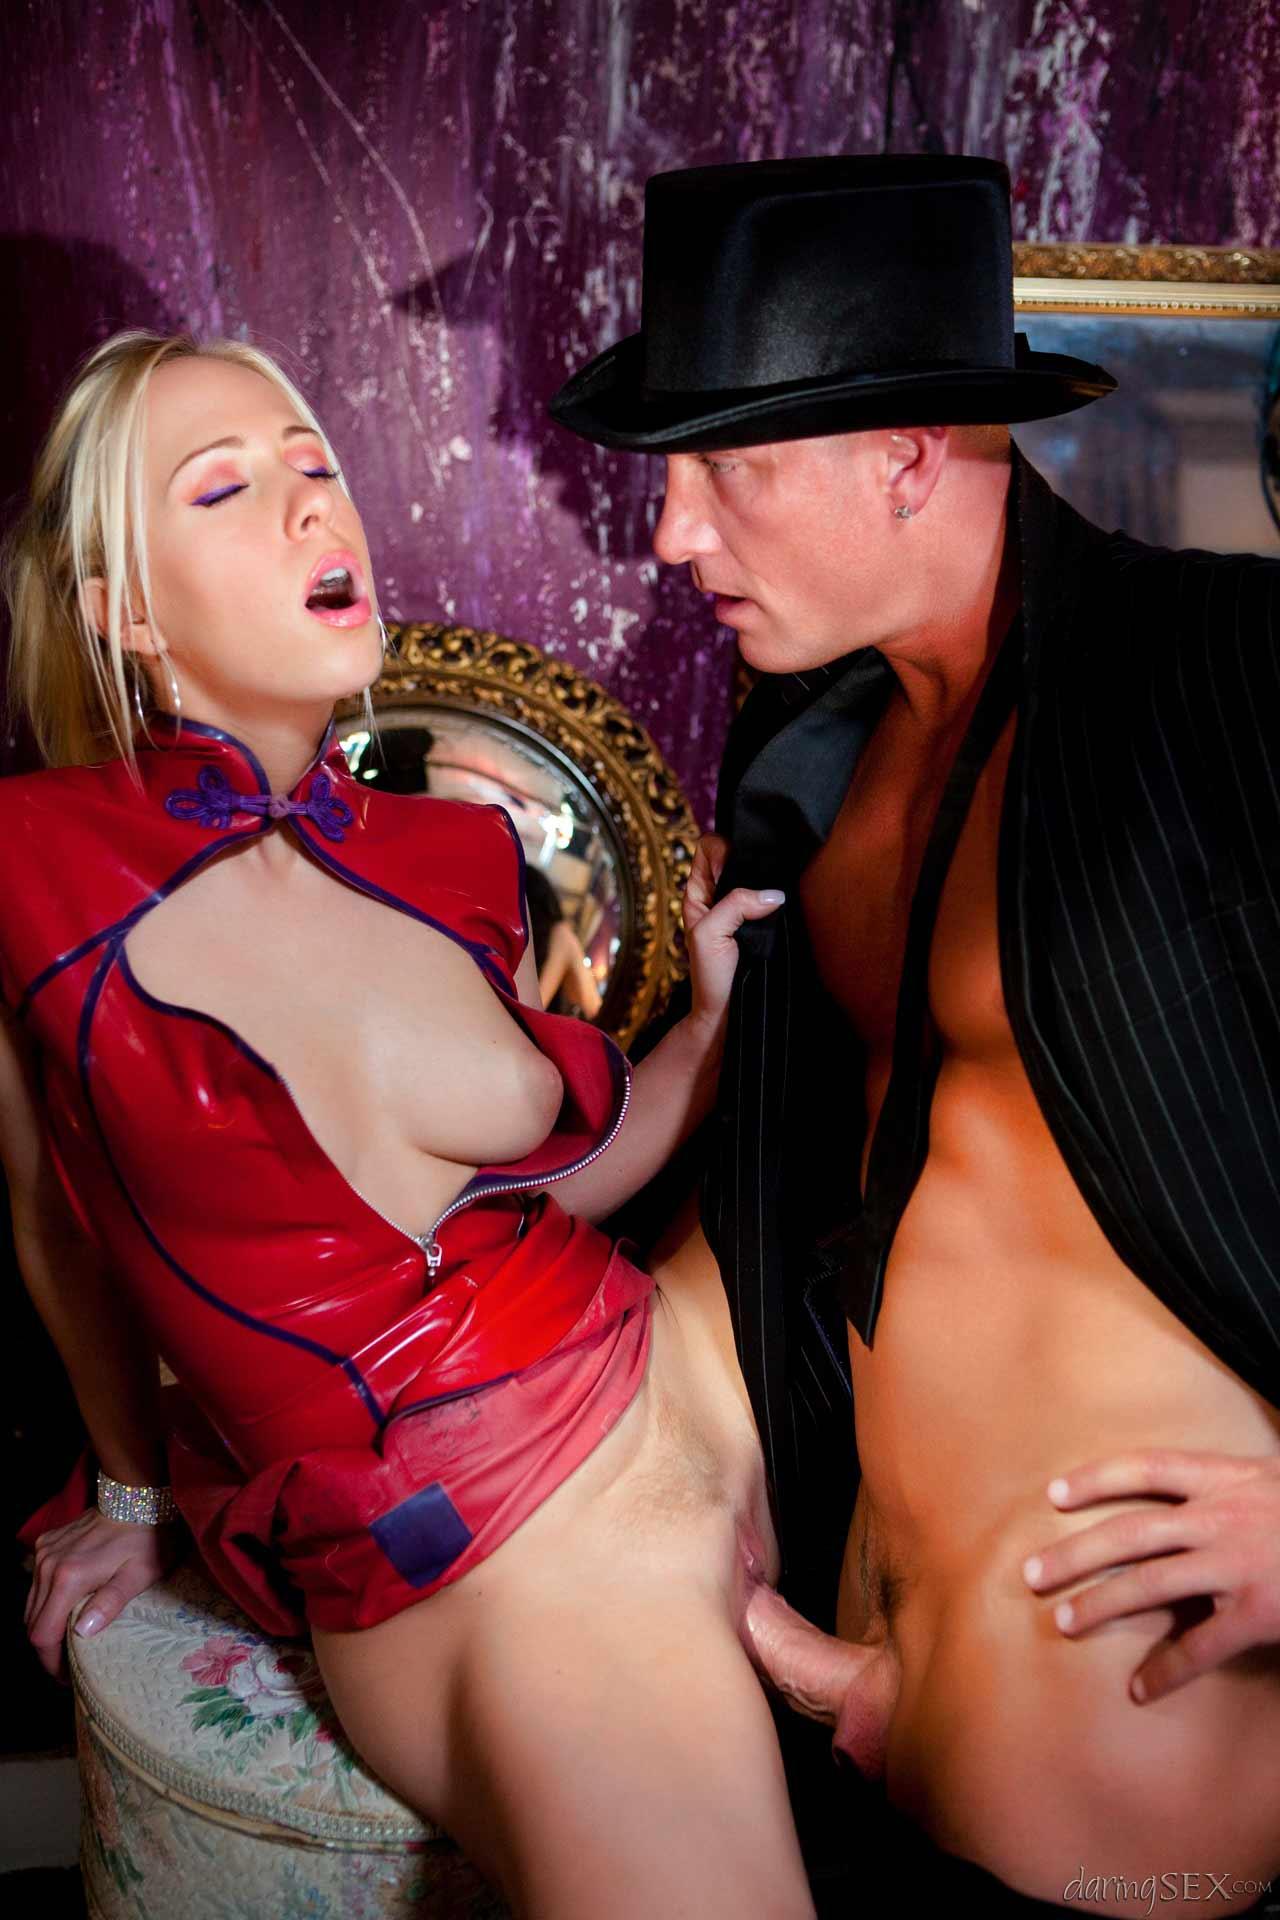 Amateur girl bondage